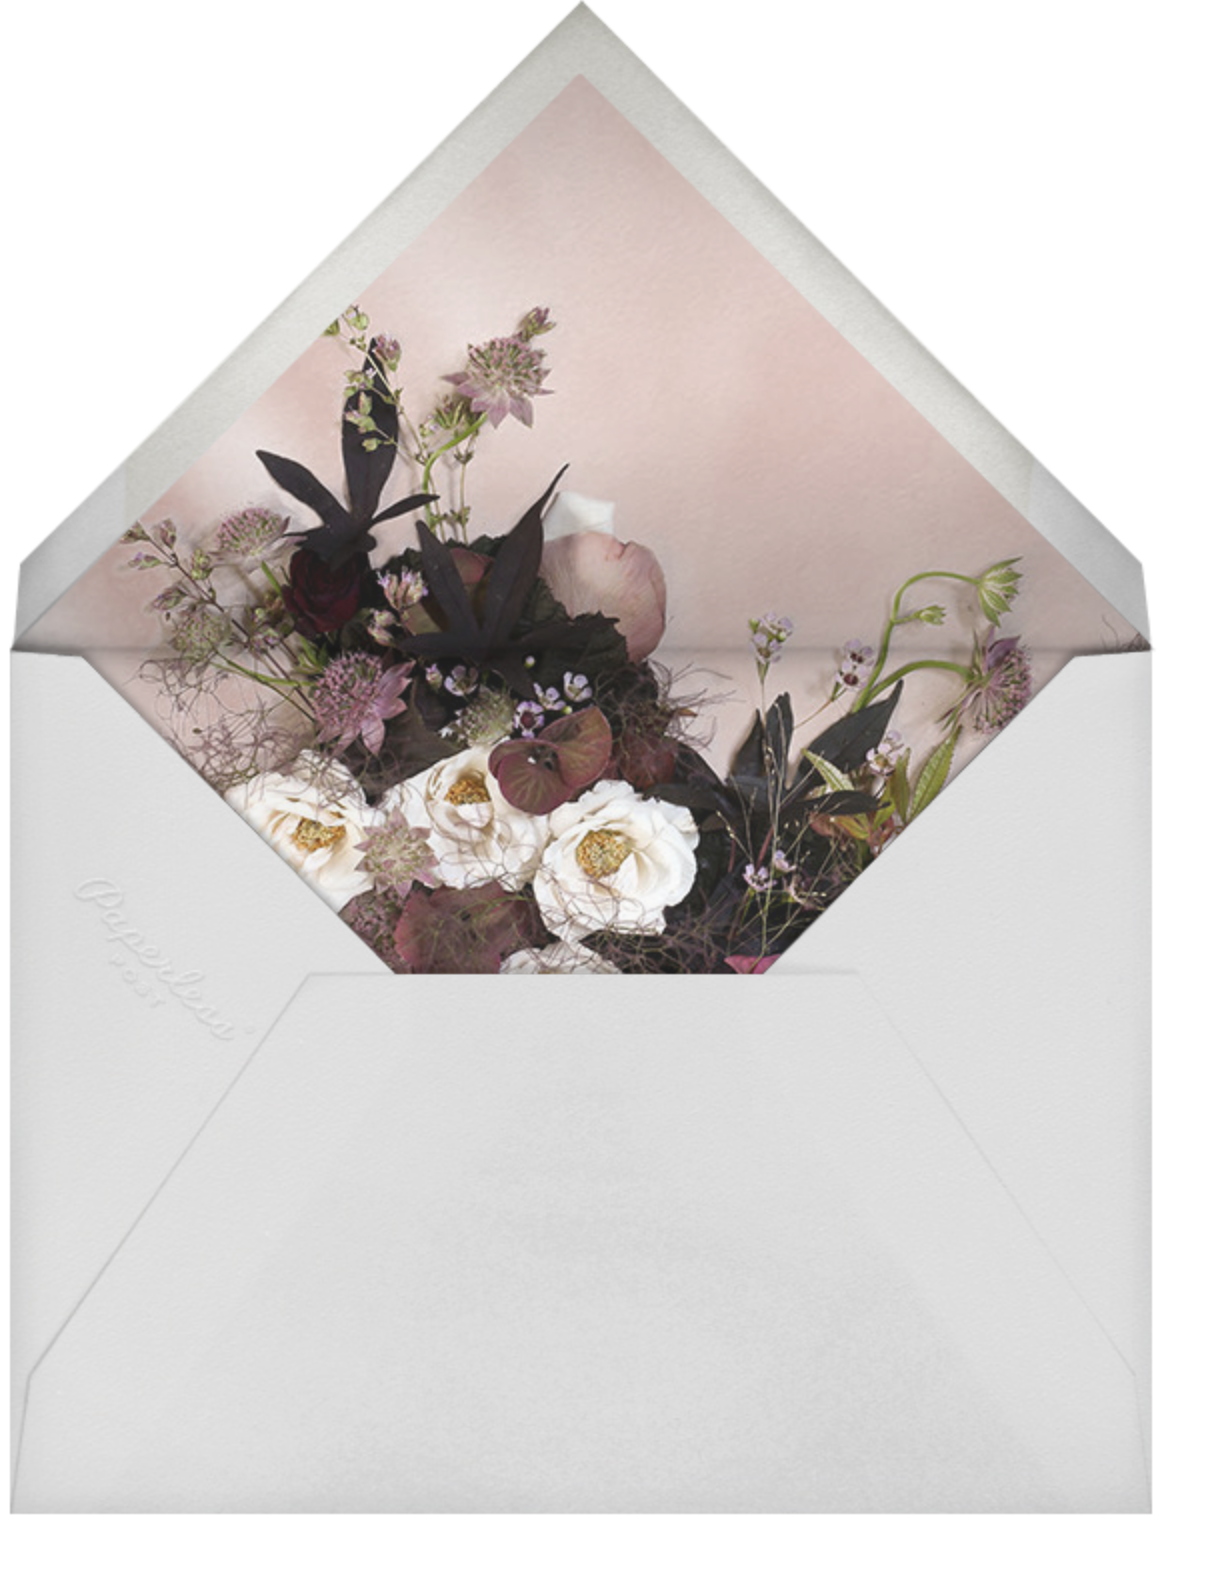 Floréal (Photo Save the Date) - Putnam & Putnam - Photo  - envelope back